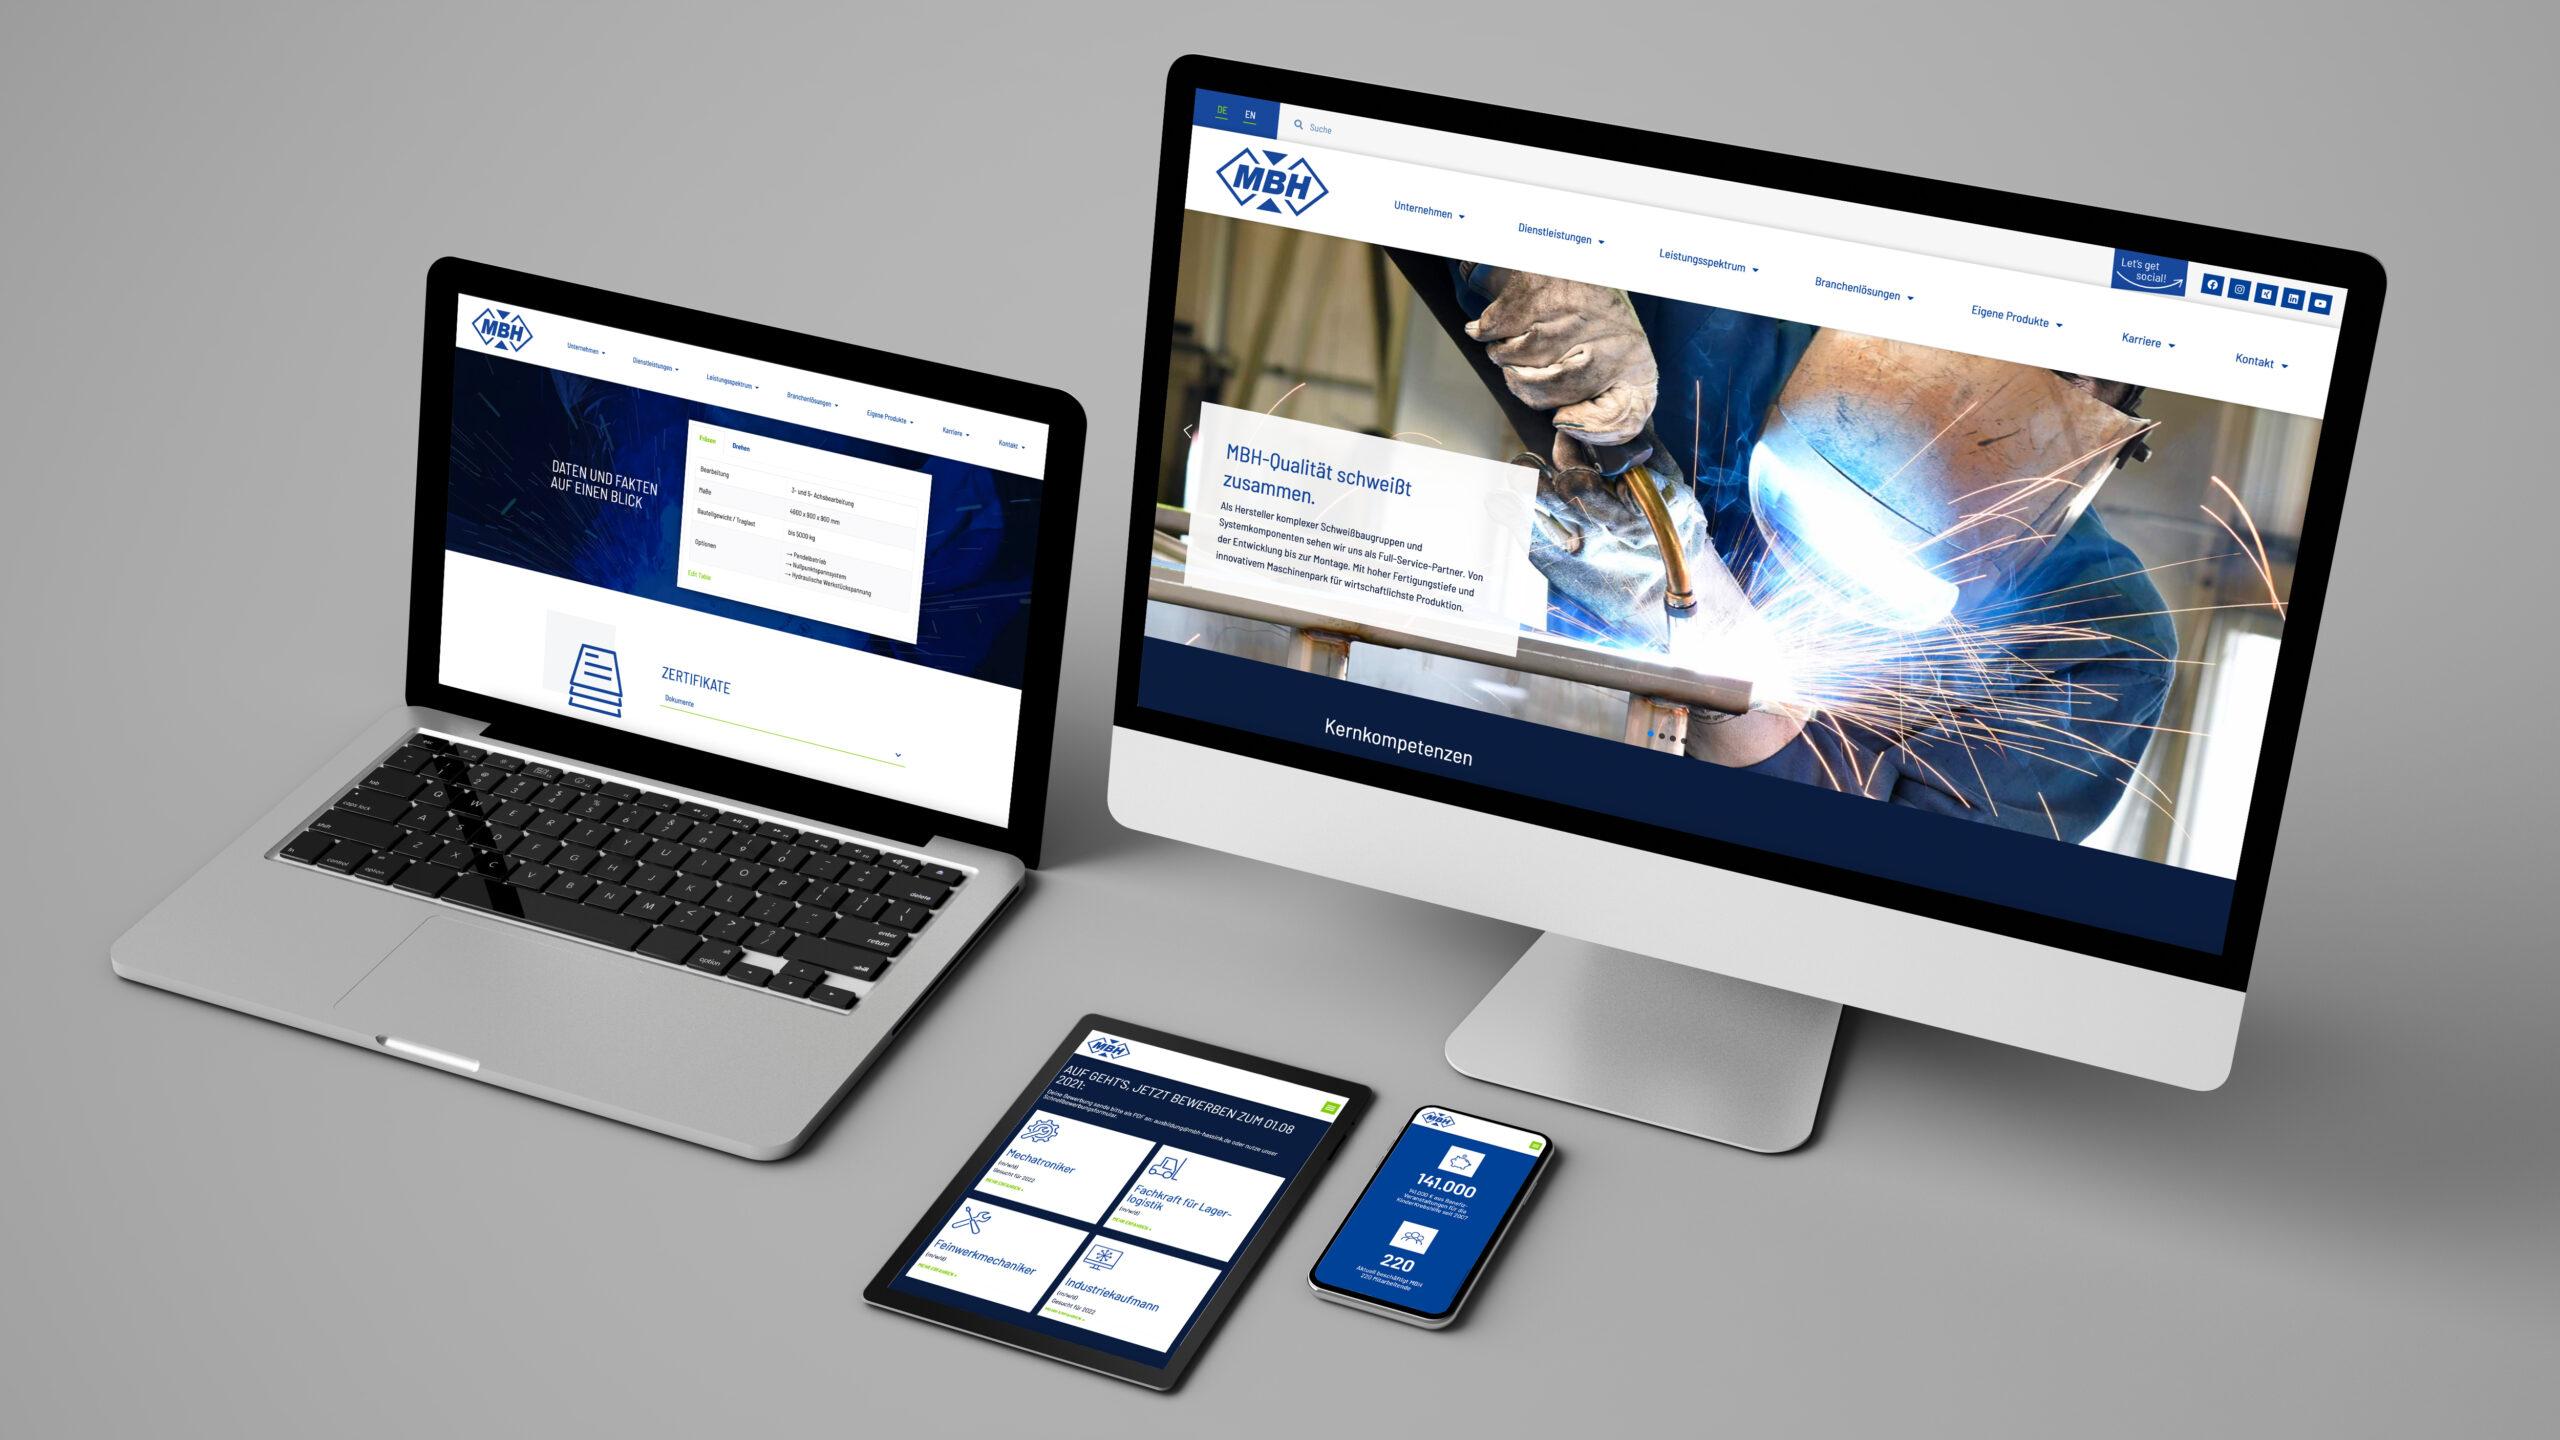 team4media gestaltet Websiterelaunch von MBH aus Ibbenbüren